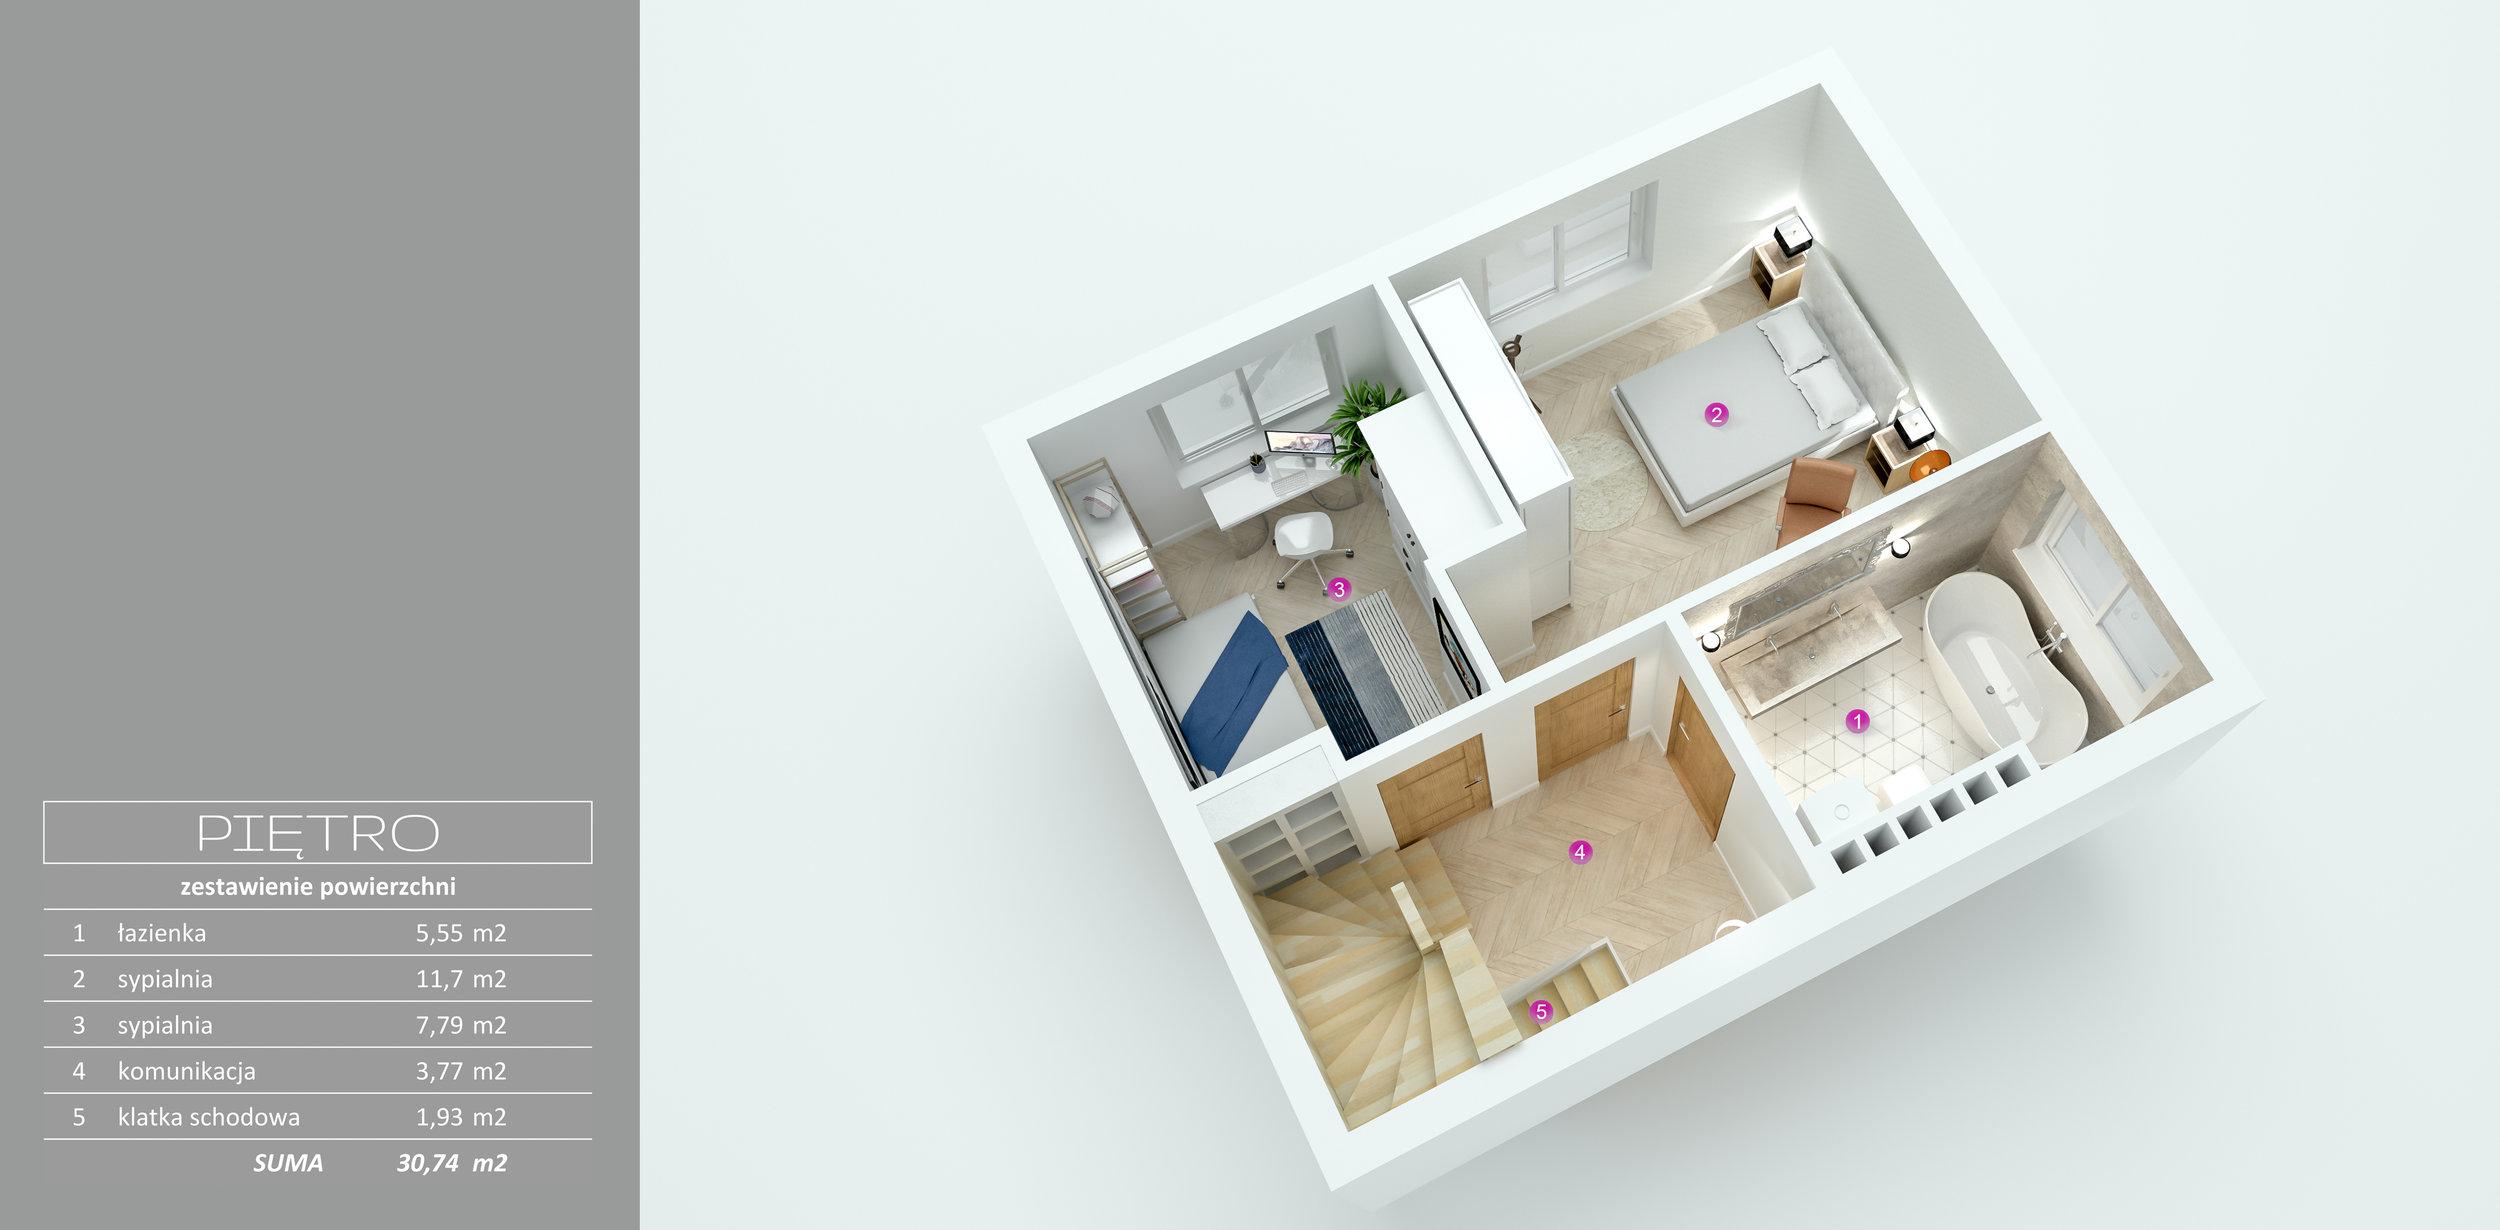 Piętro-1_wym.jpg